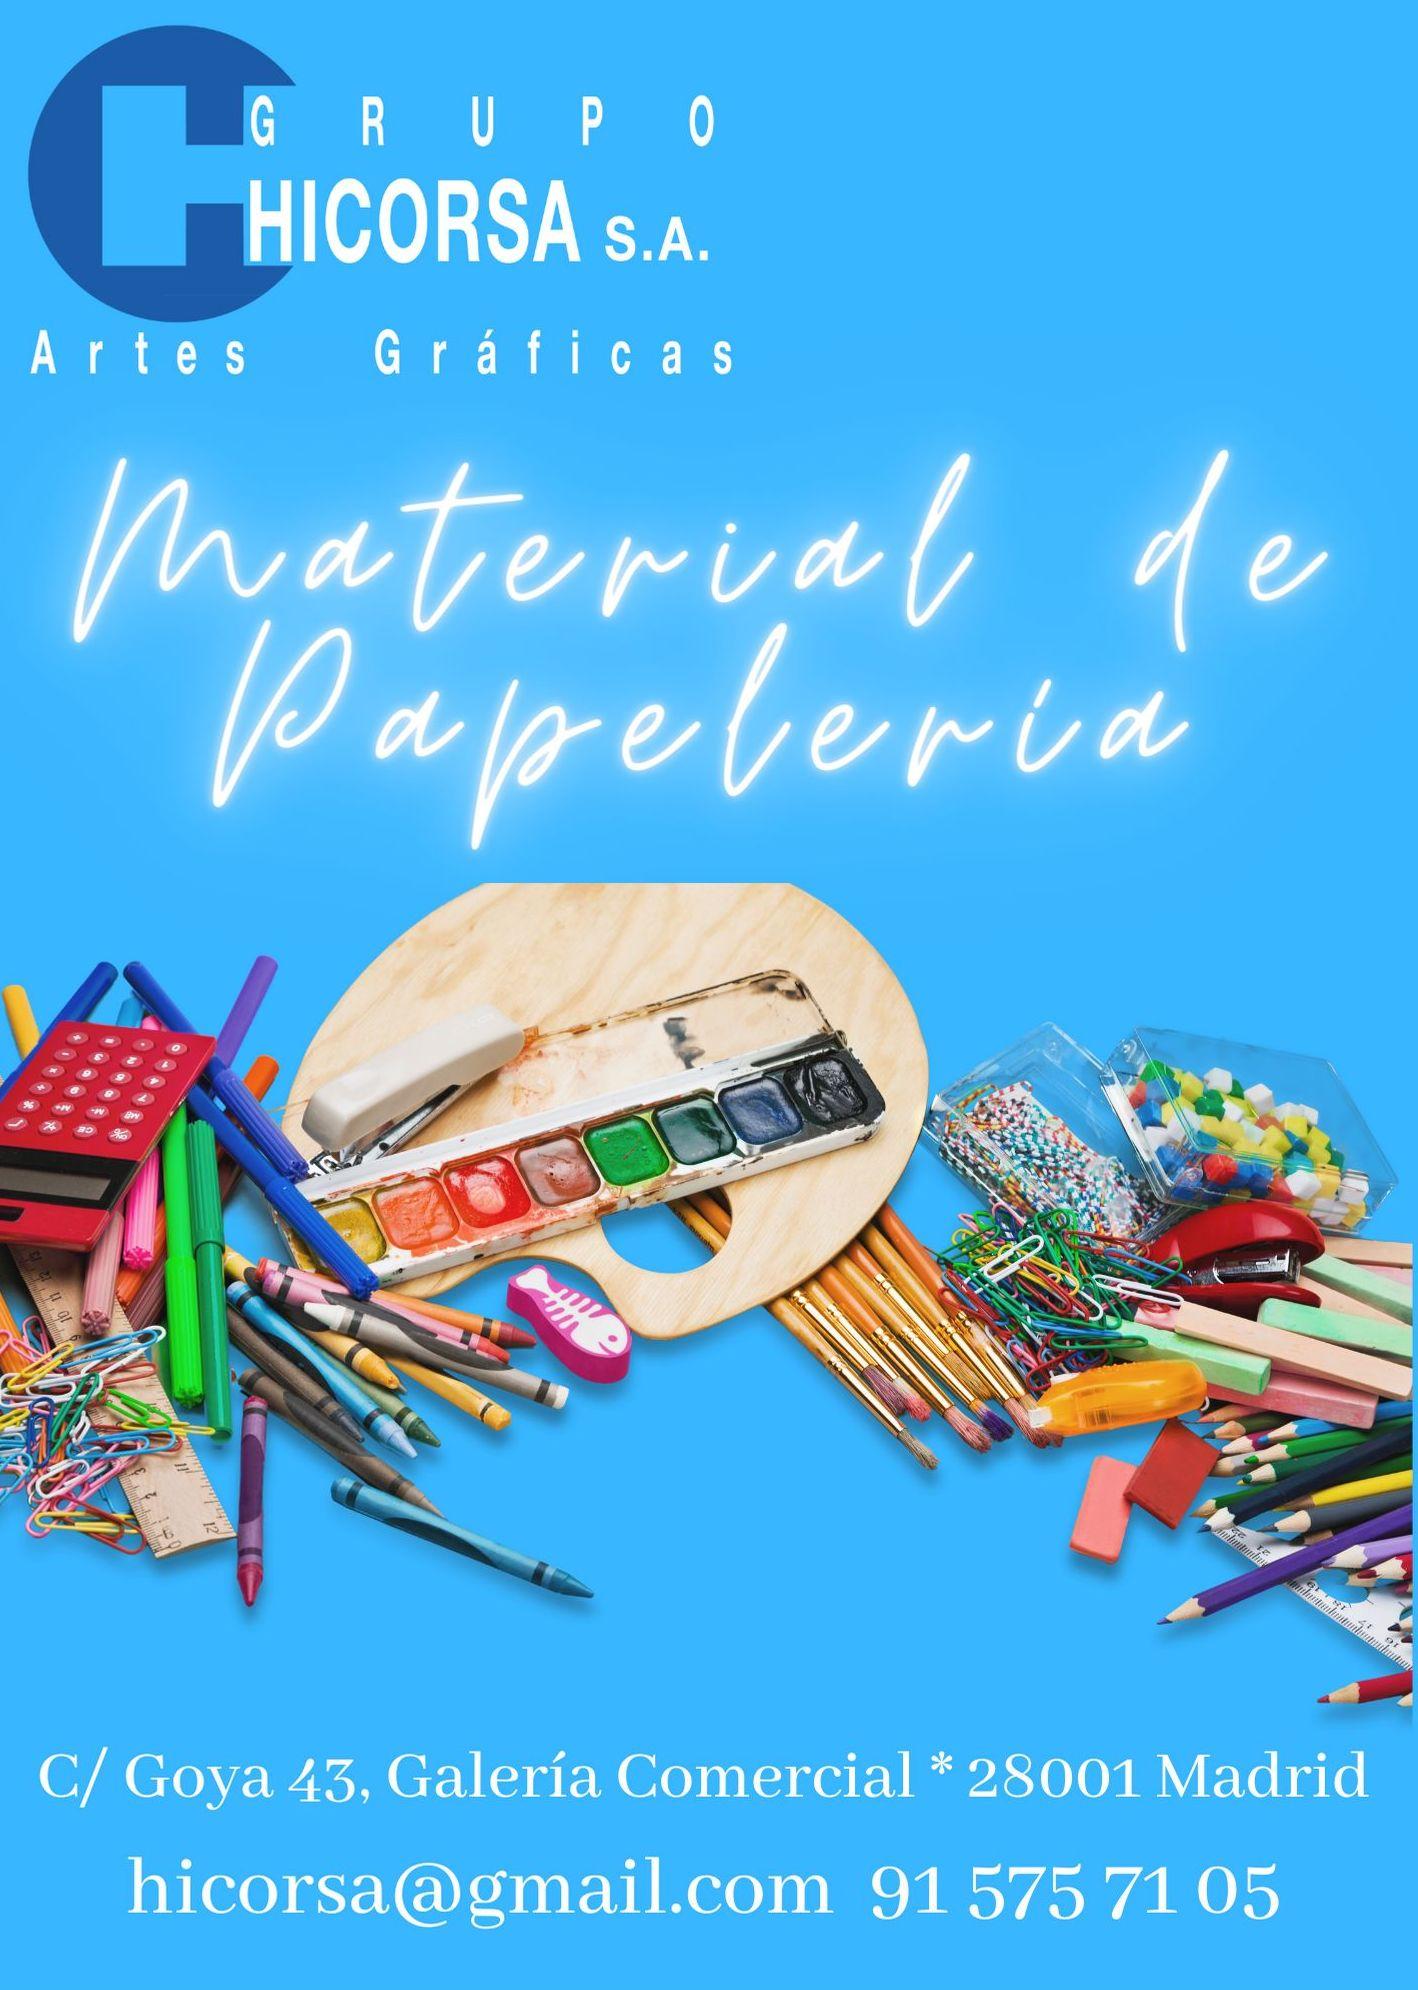 Foto 2 de Artes gráficas en madrid | Hicorsa